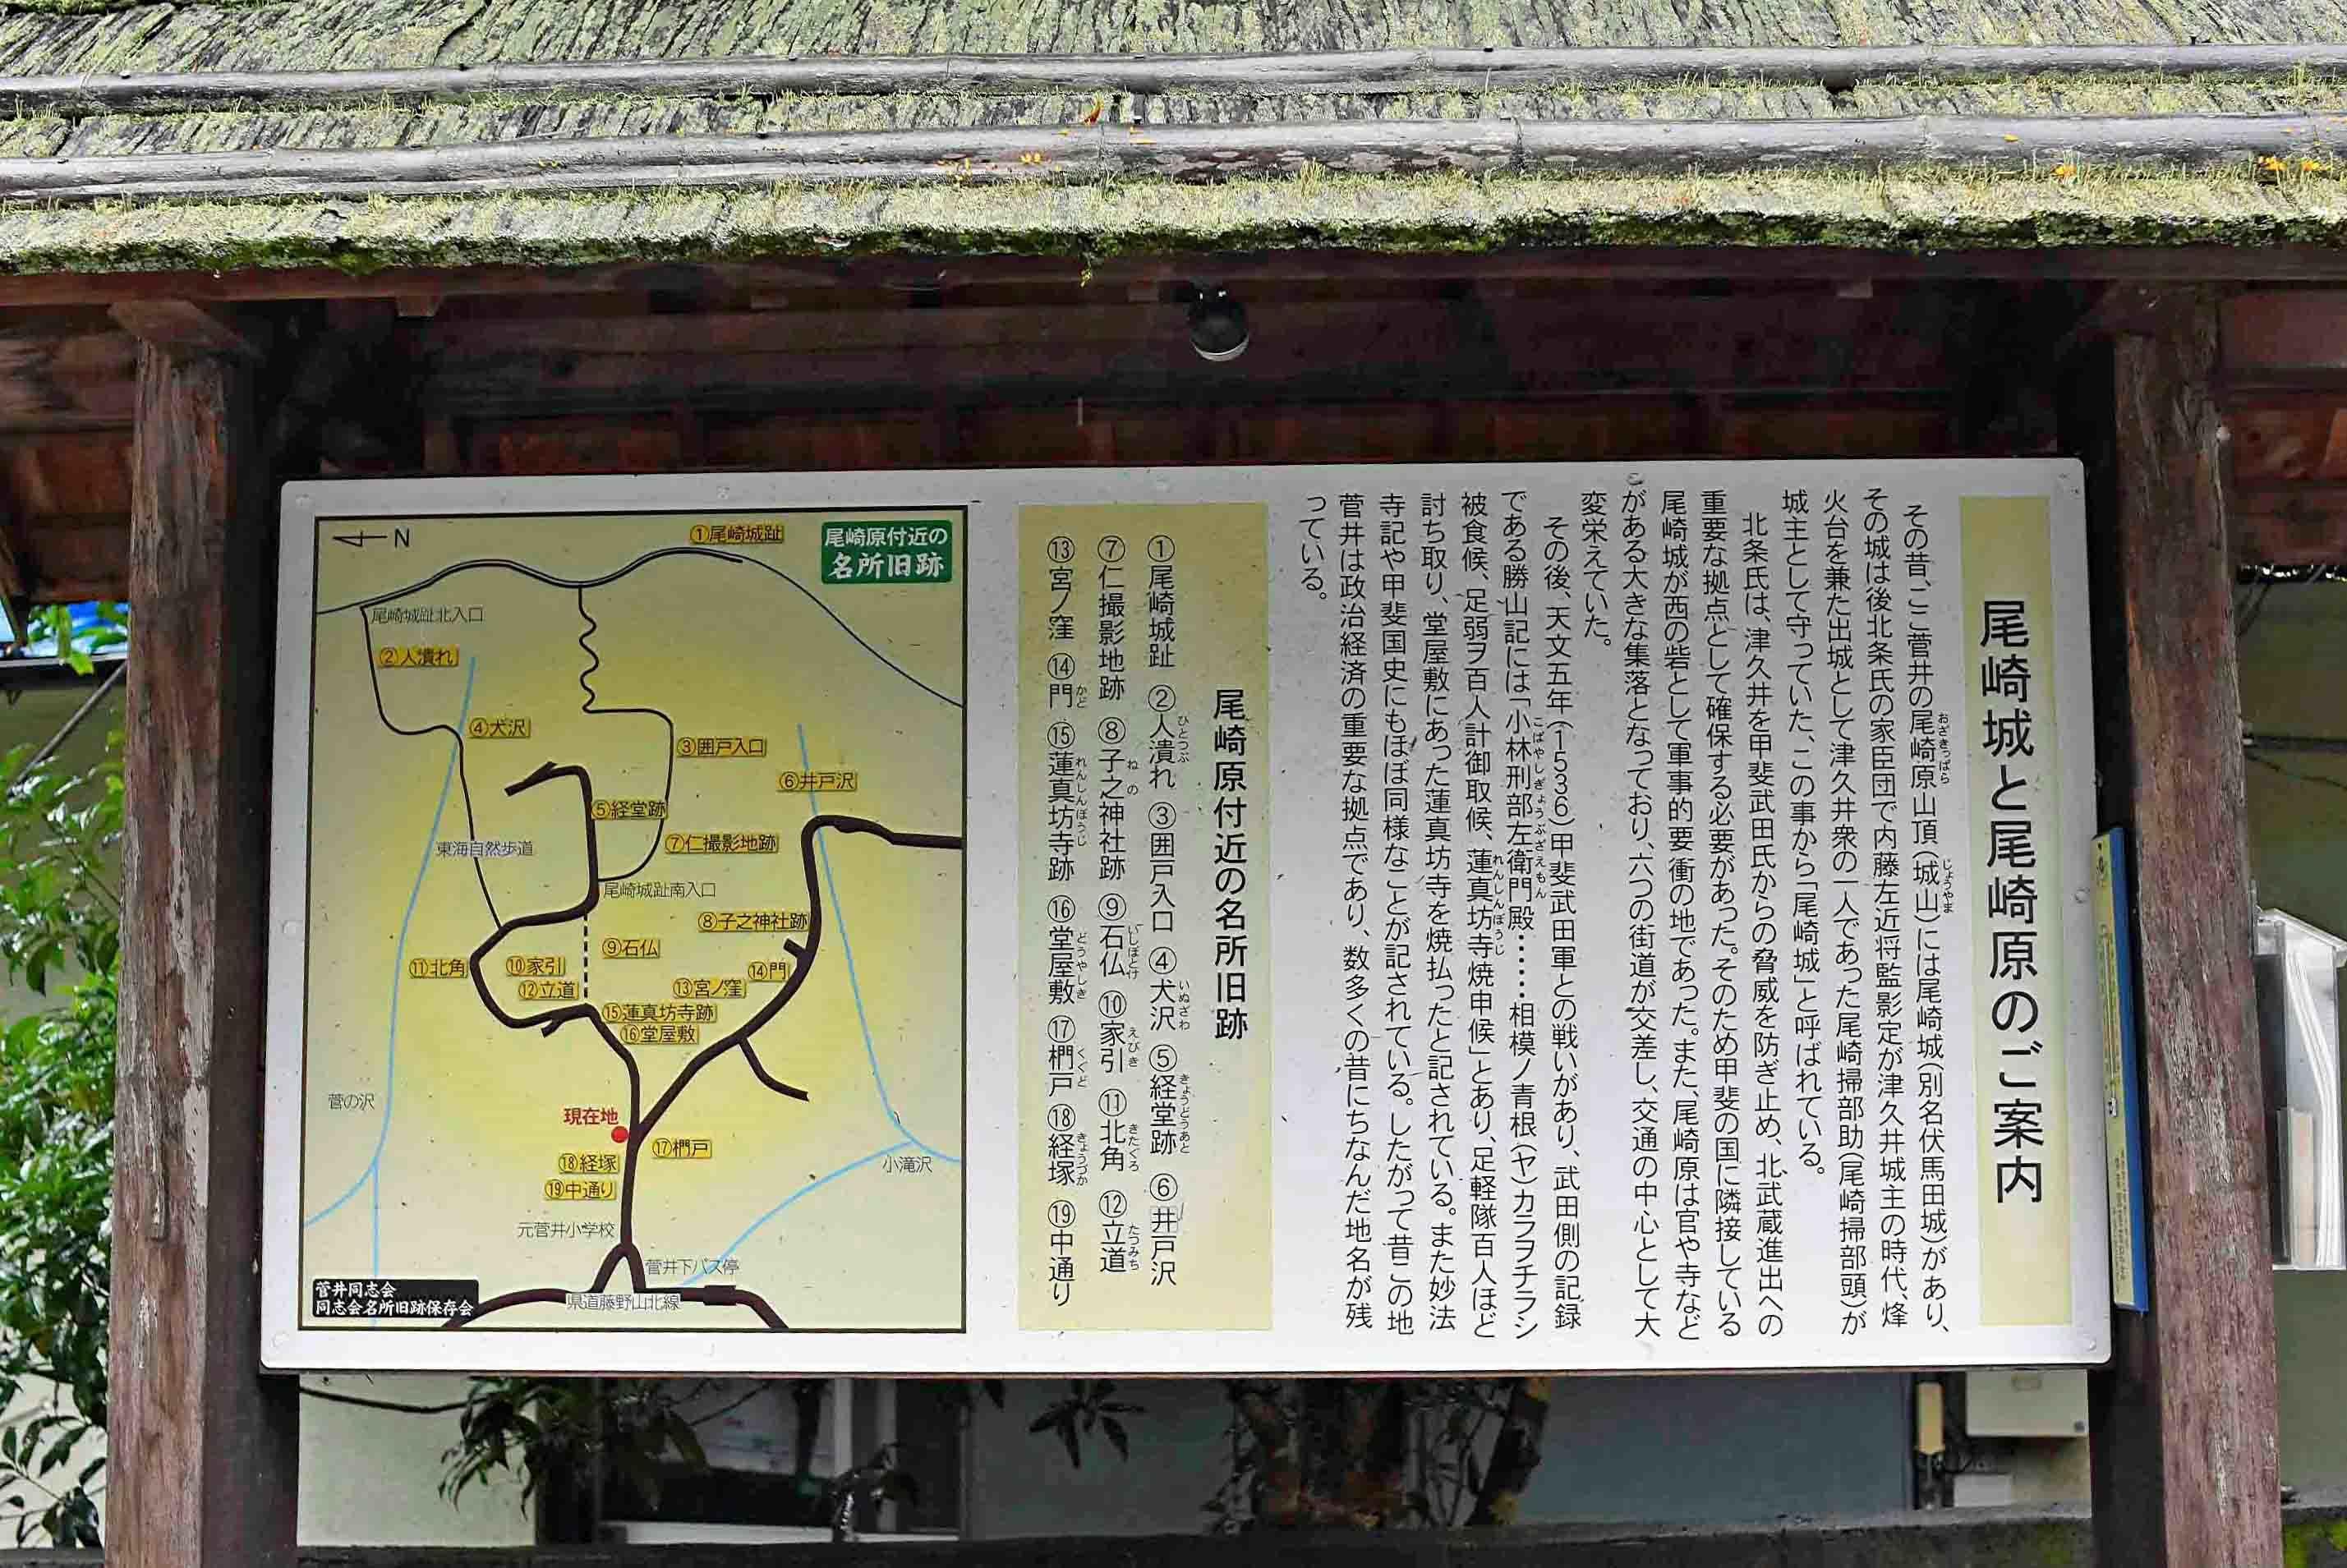 尾崎城と尾崎原について